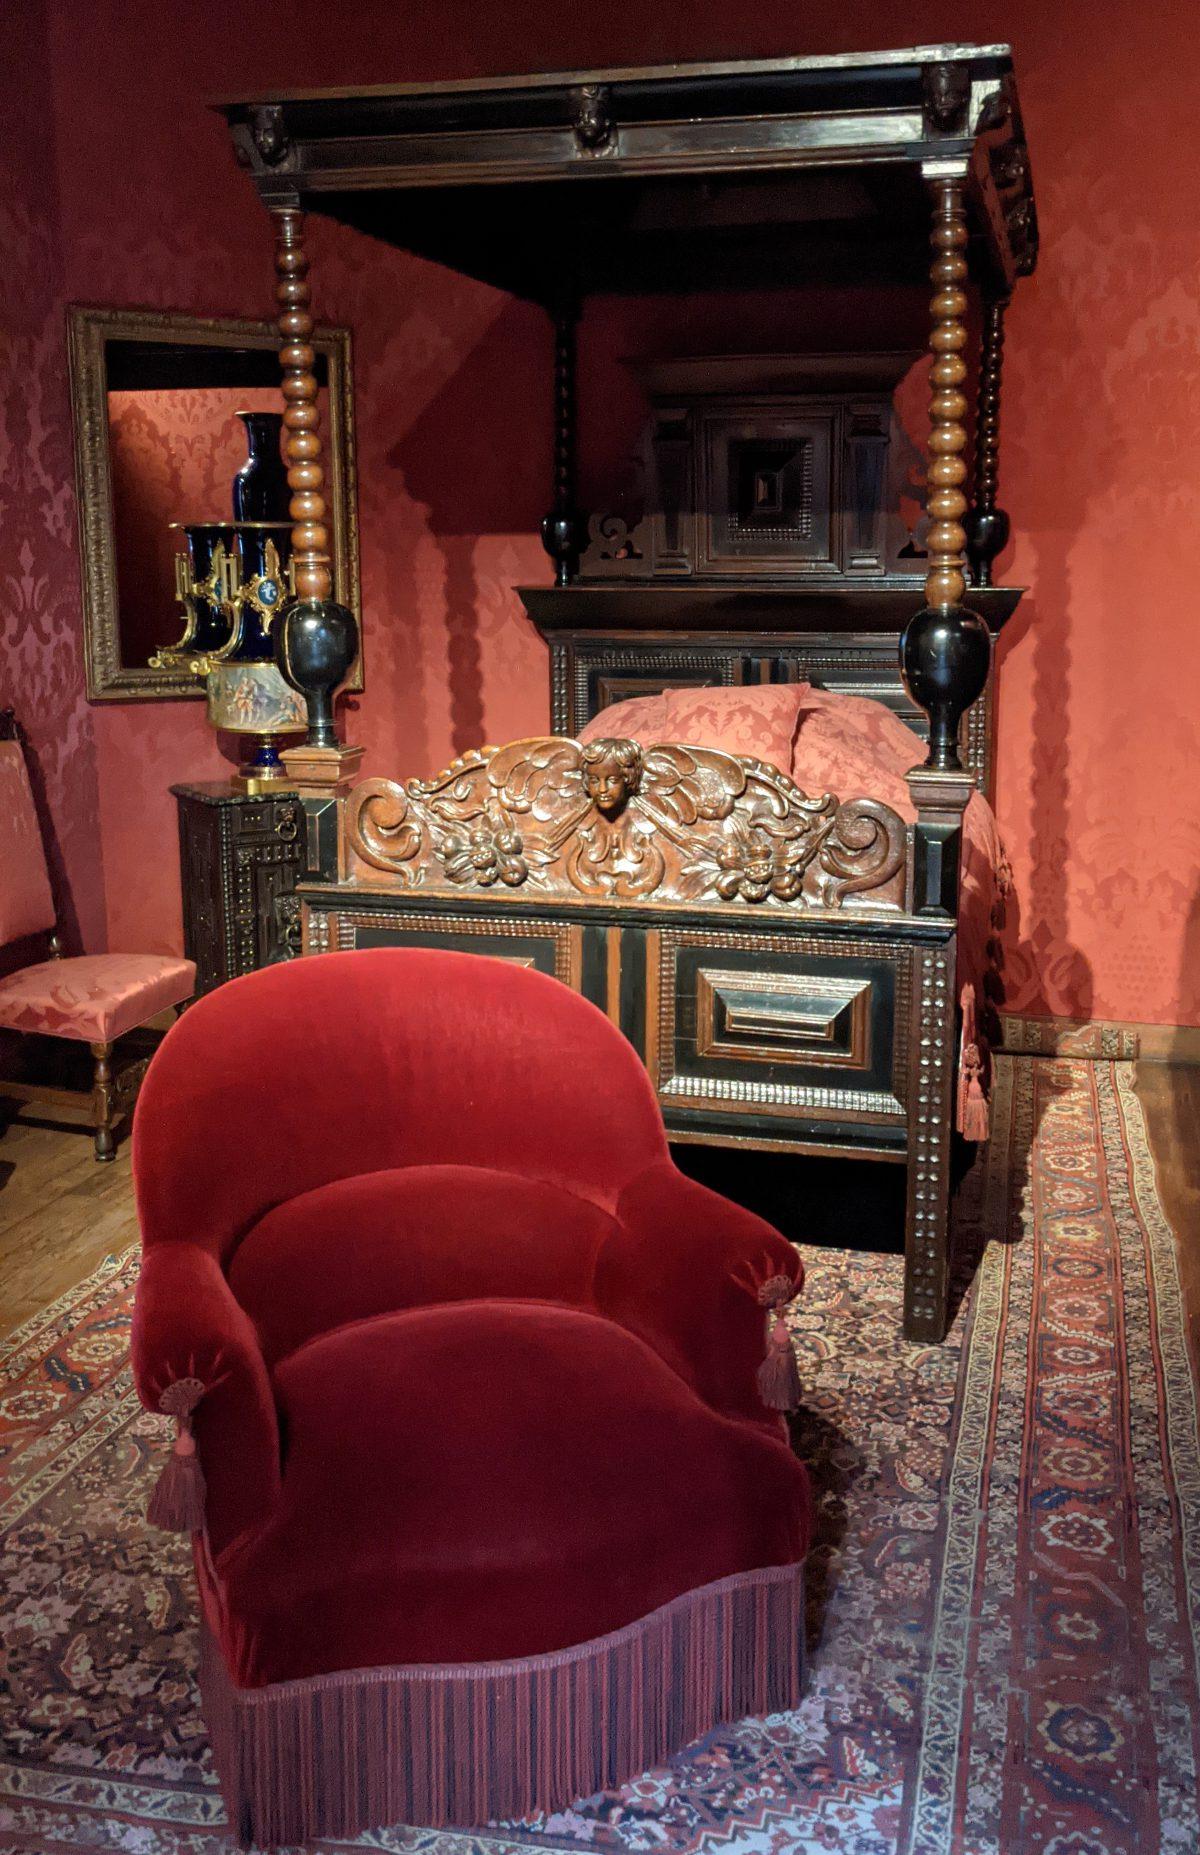 Victor Hugo's bed